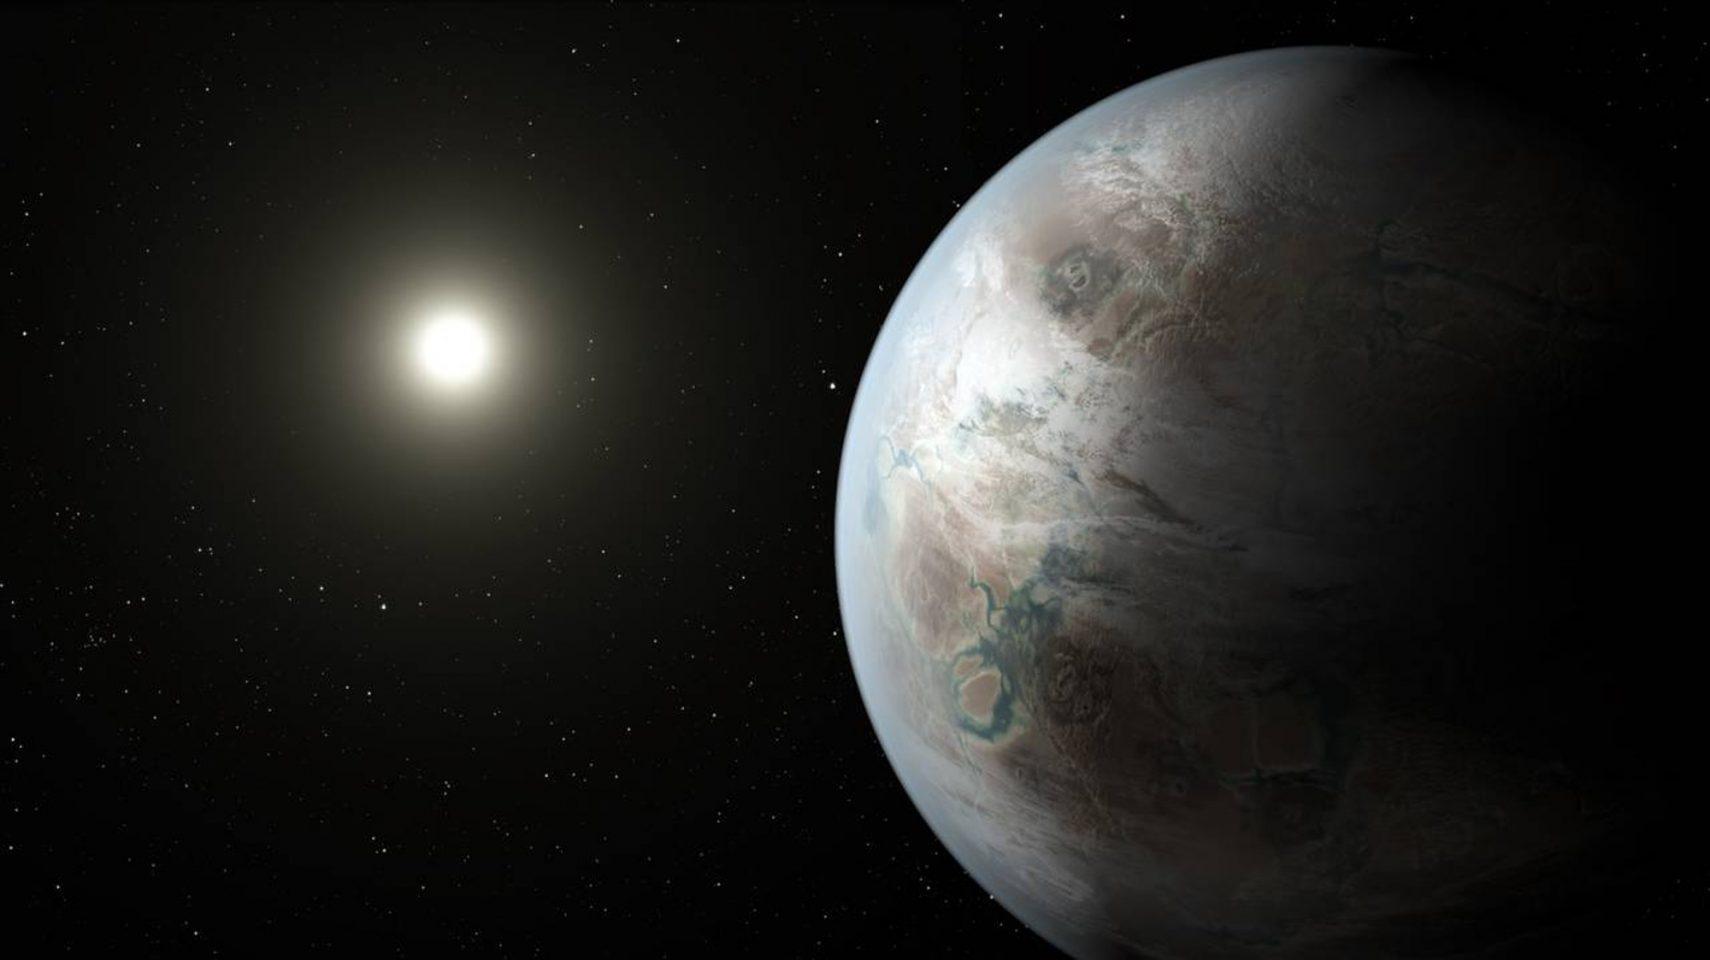 Οι πλανήτες Δίας και Κρόνος γίνονται «ζευγάρι» λίγο πριν τα Χριστούγεννα